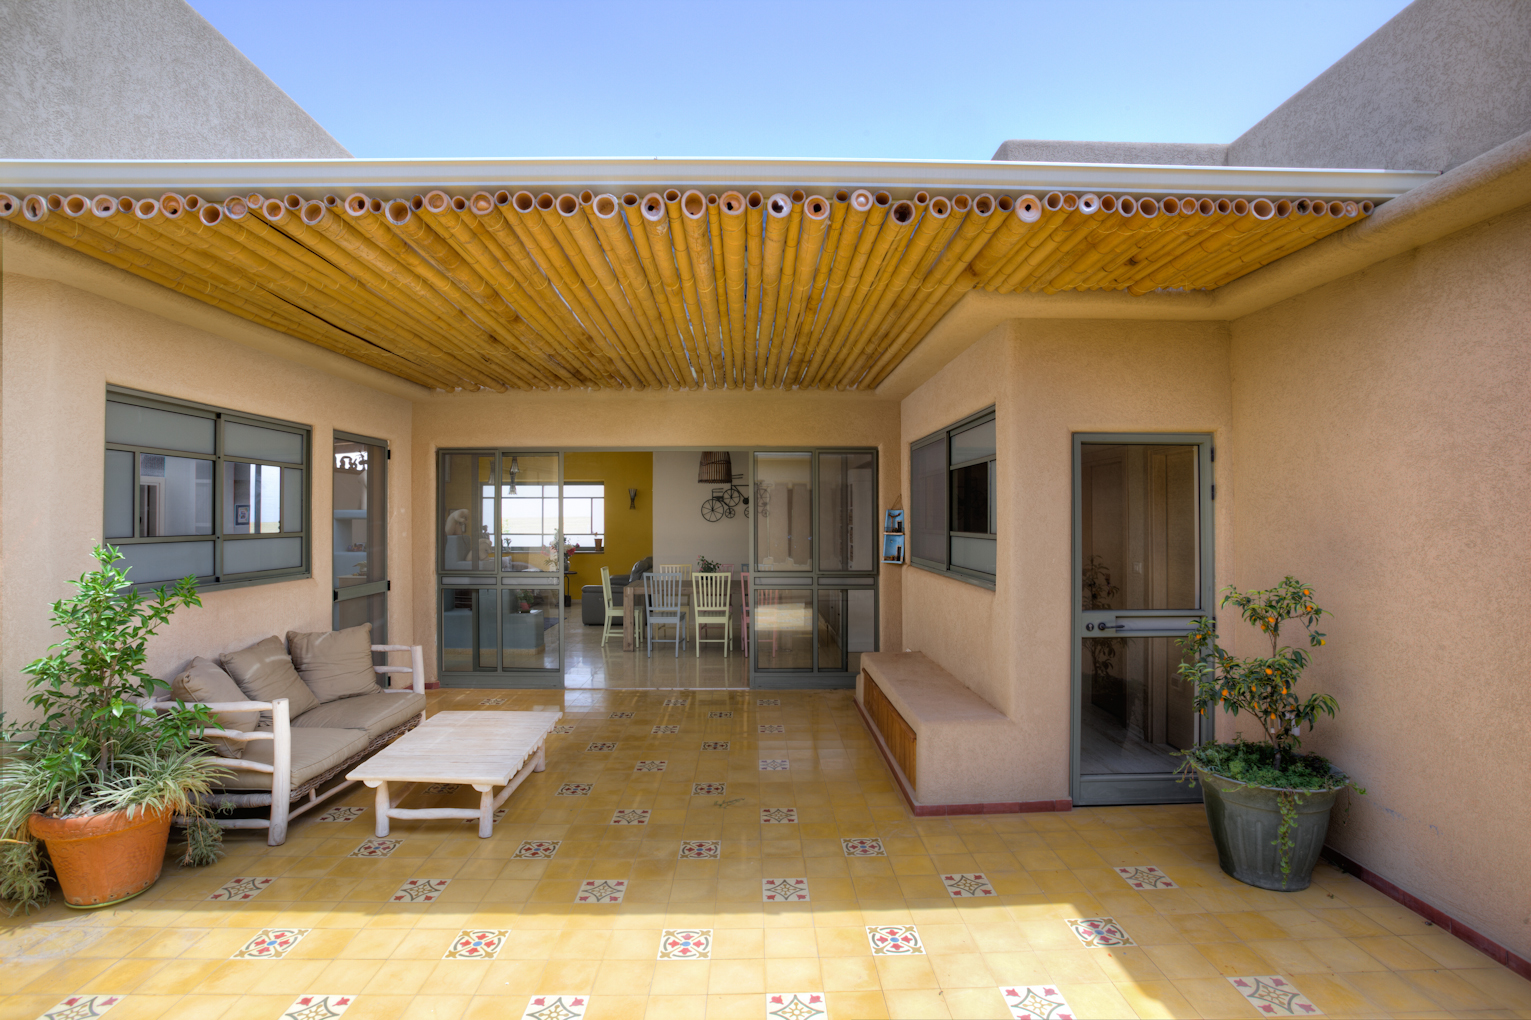 אריחי בטון במרפסת